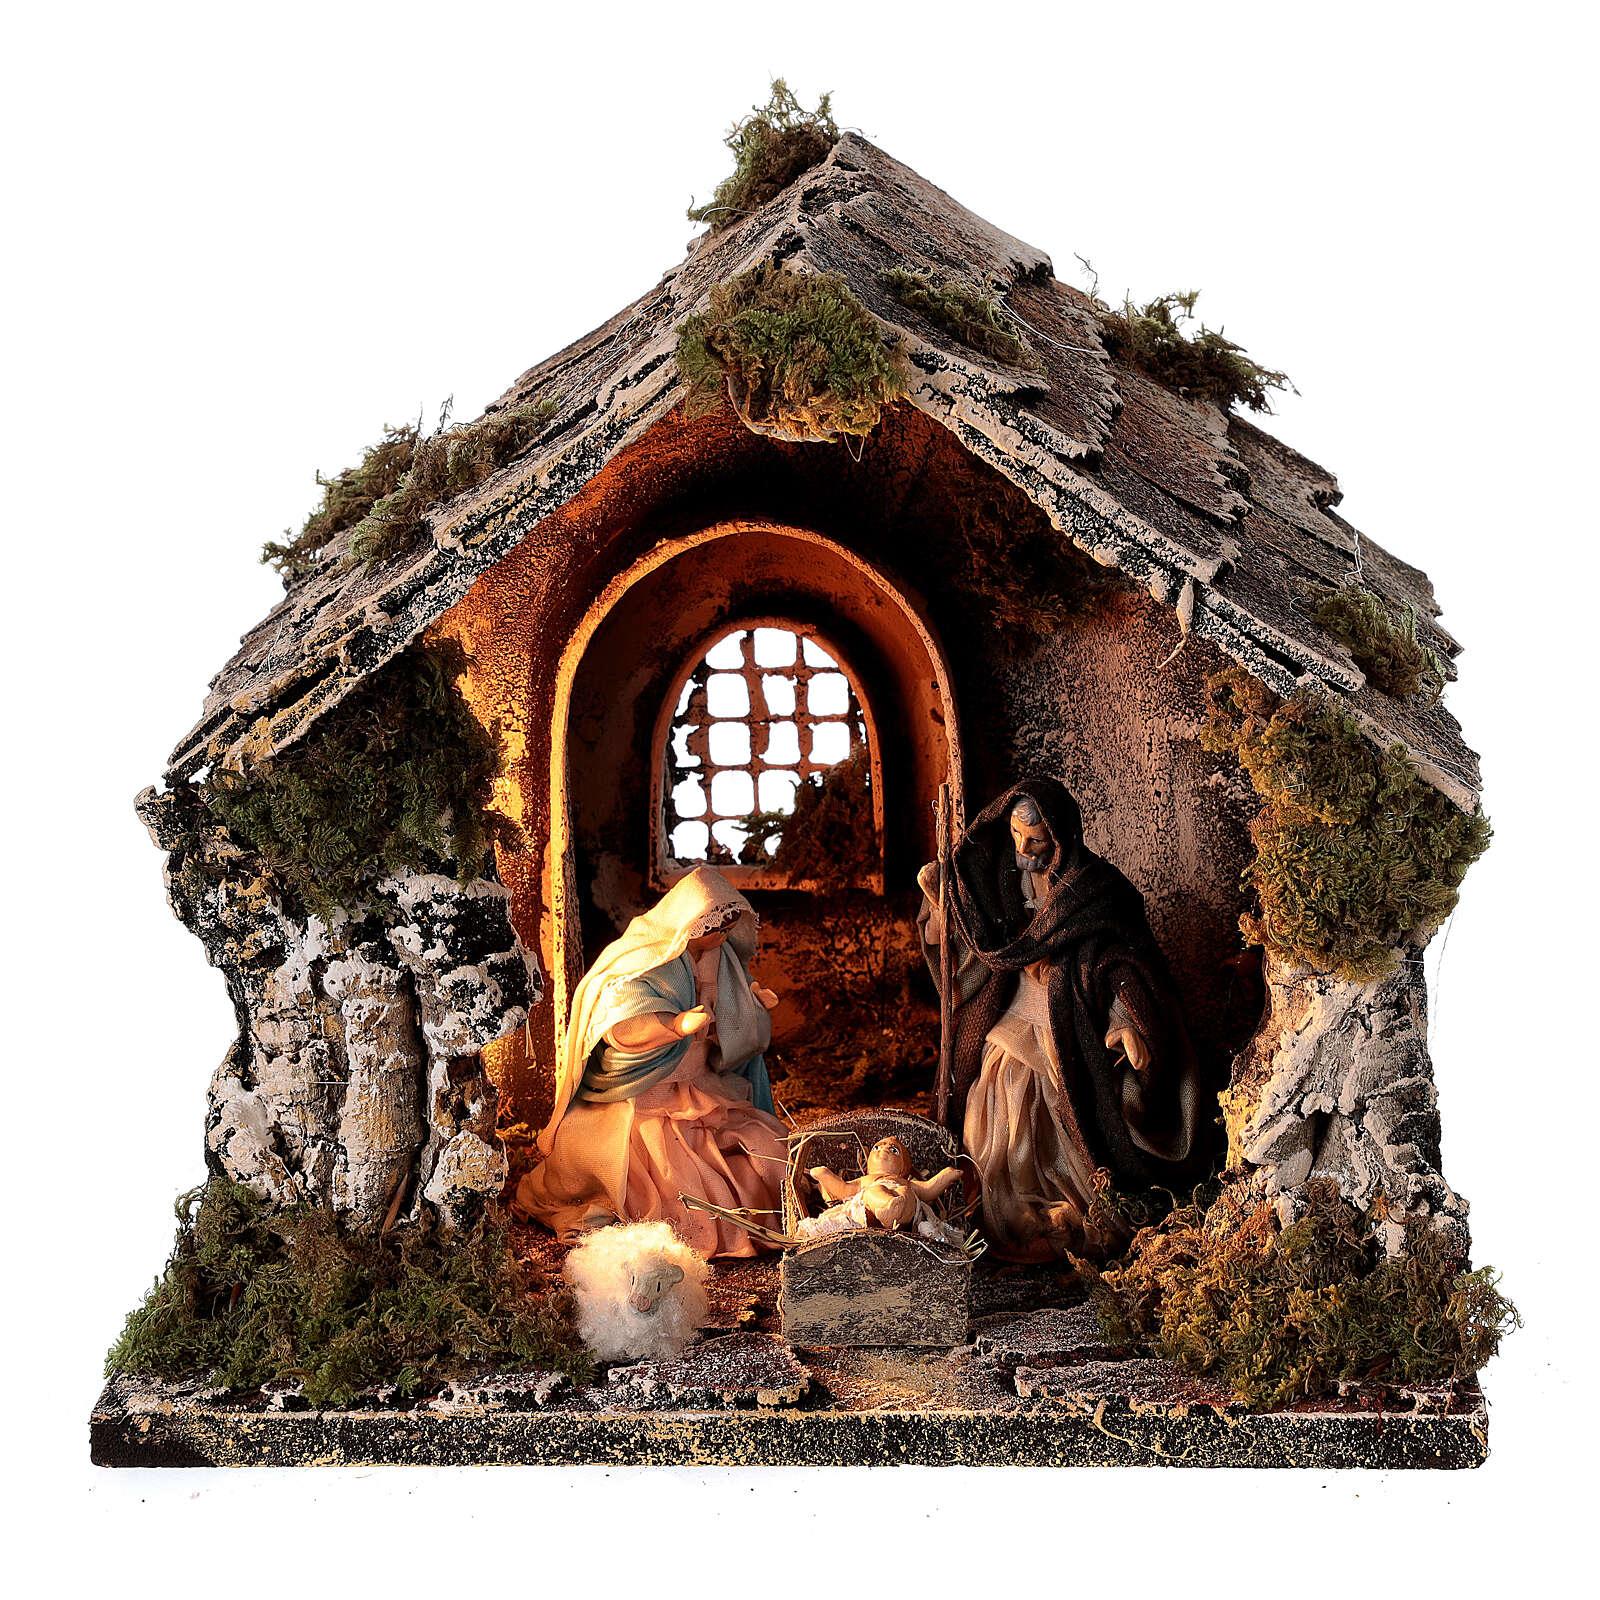 Cabane toit en pente figurines Nativité 10 cm crèche napolitaine 20x25x20 cm